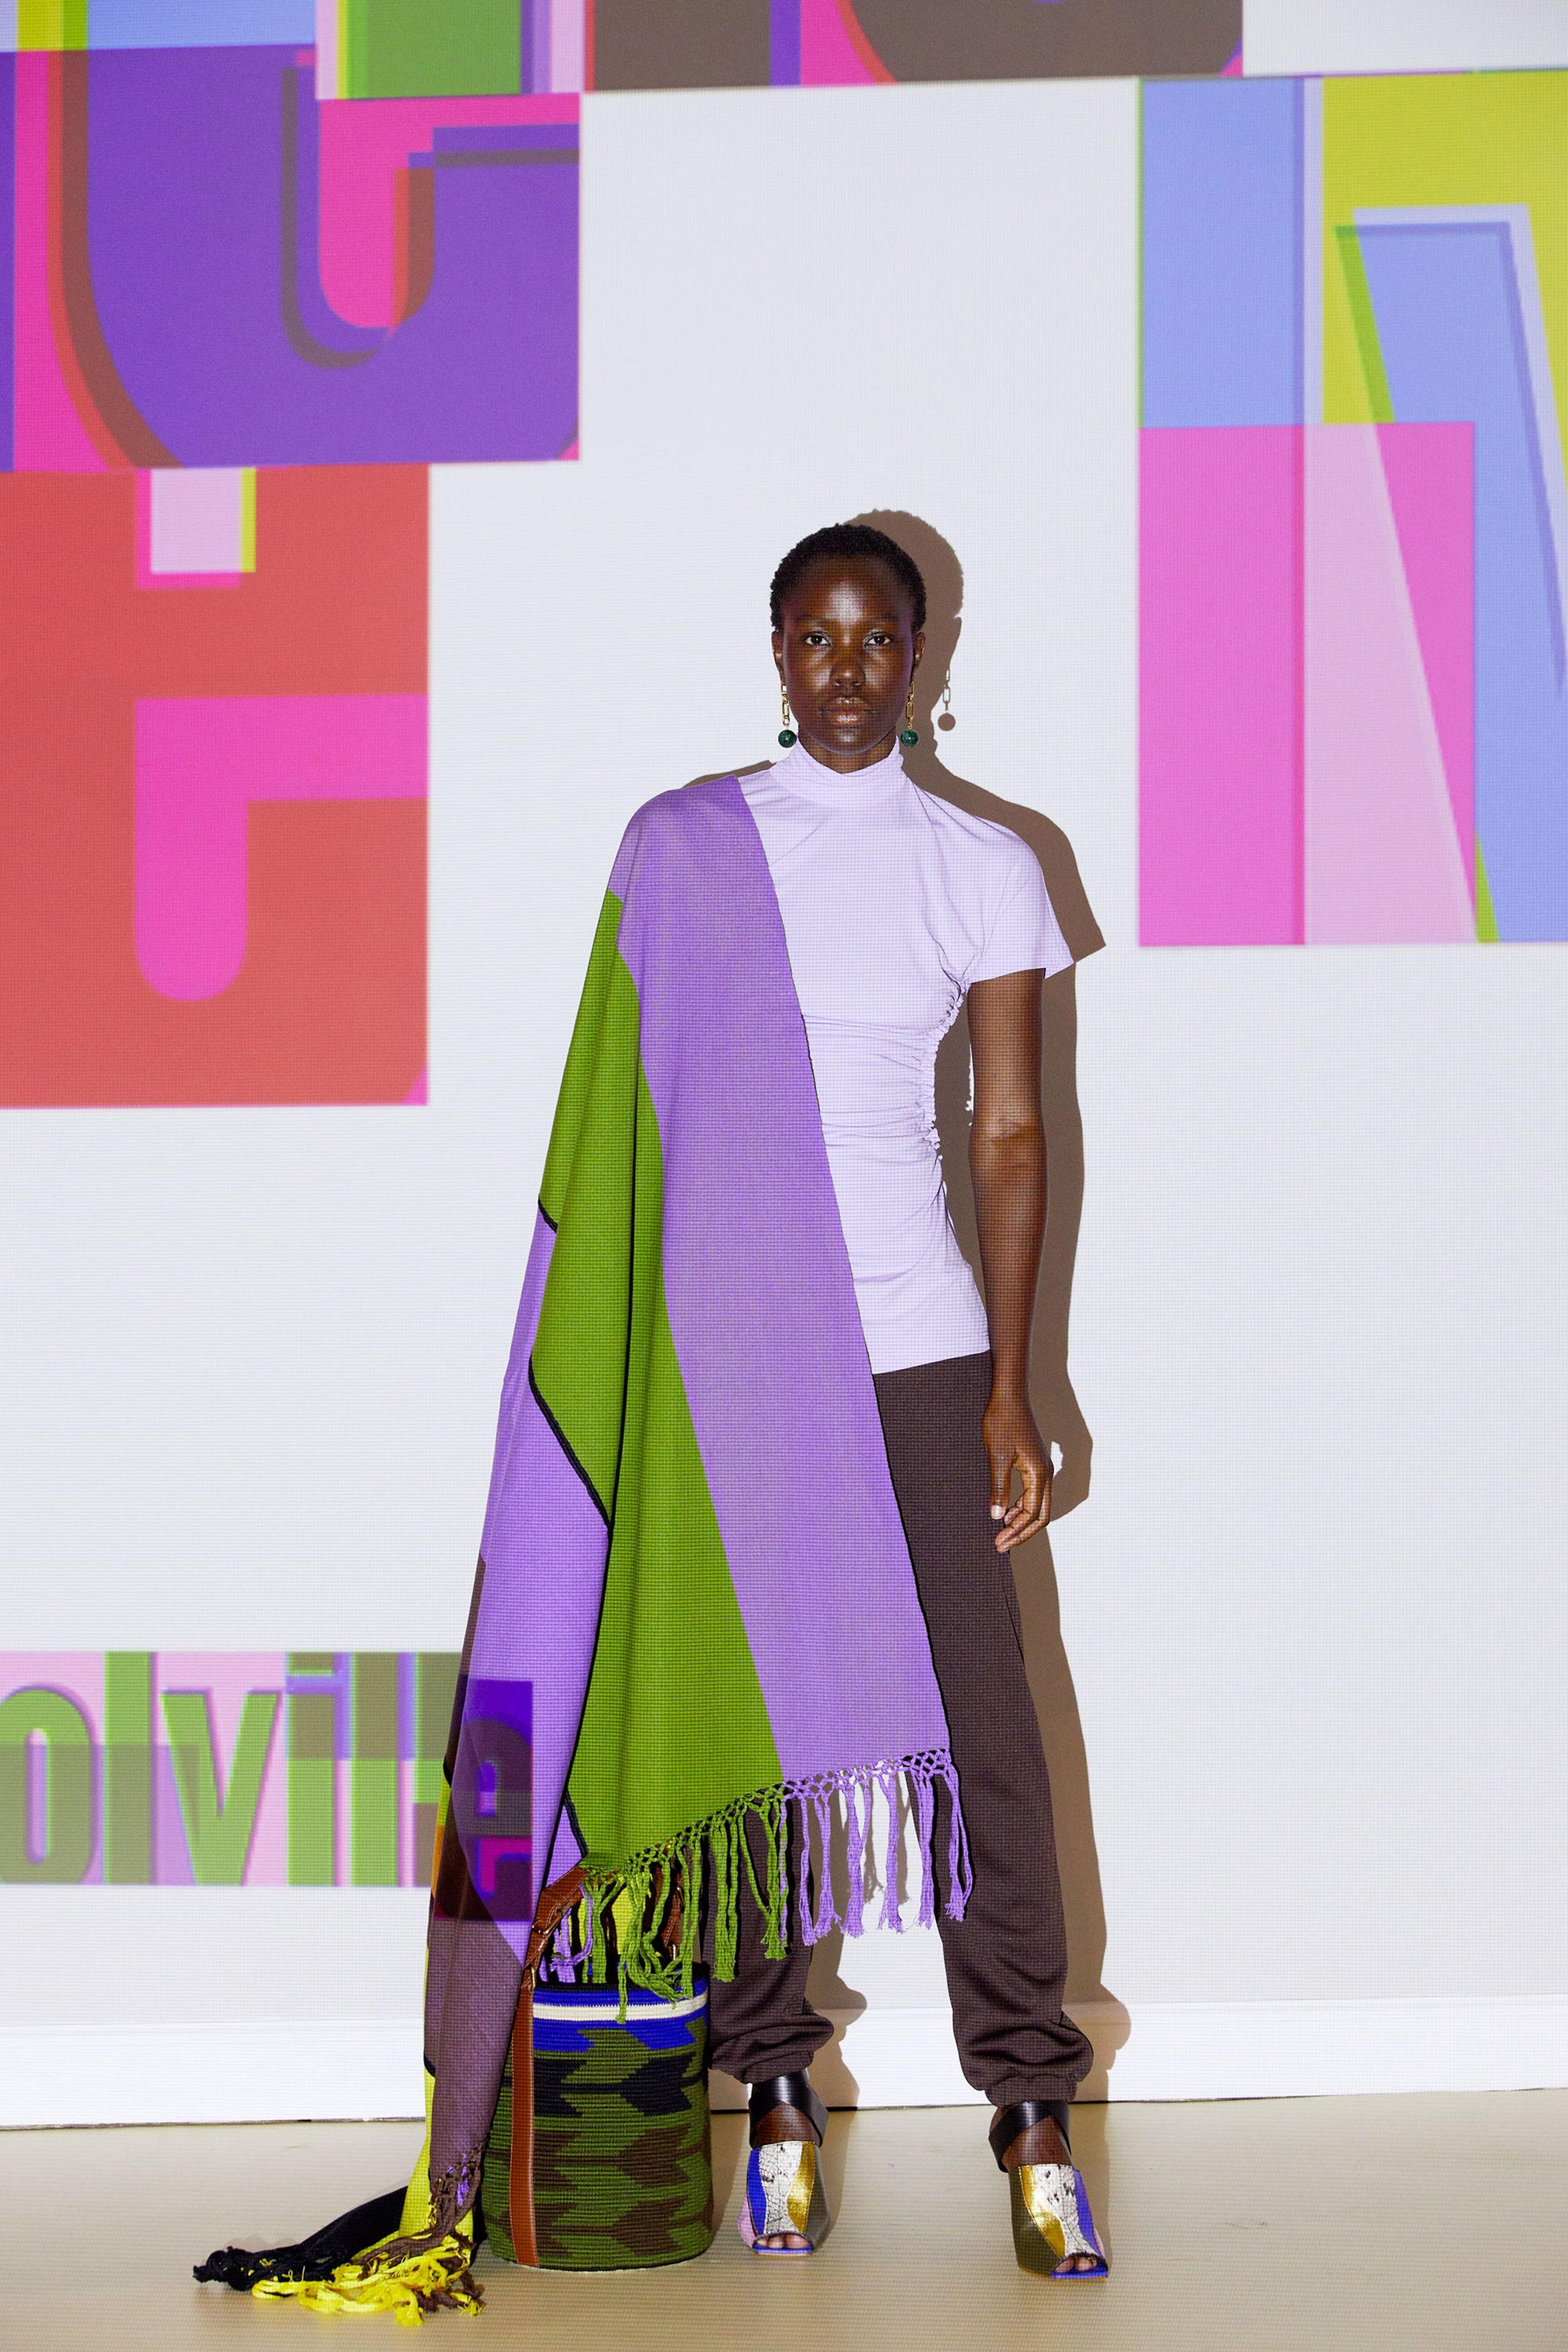 التصاميم الهندسية مع الألوان المتداخلة للمرأة القوية